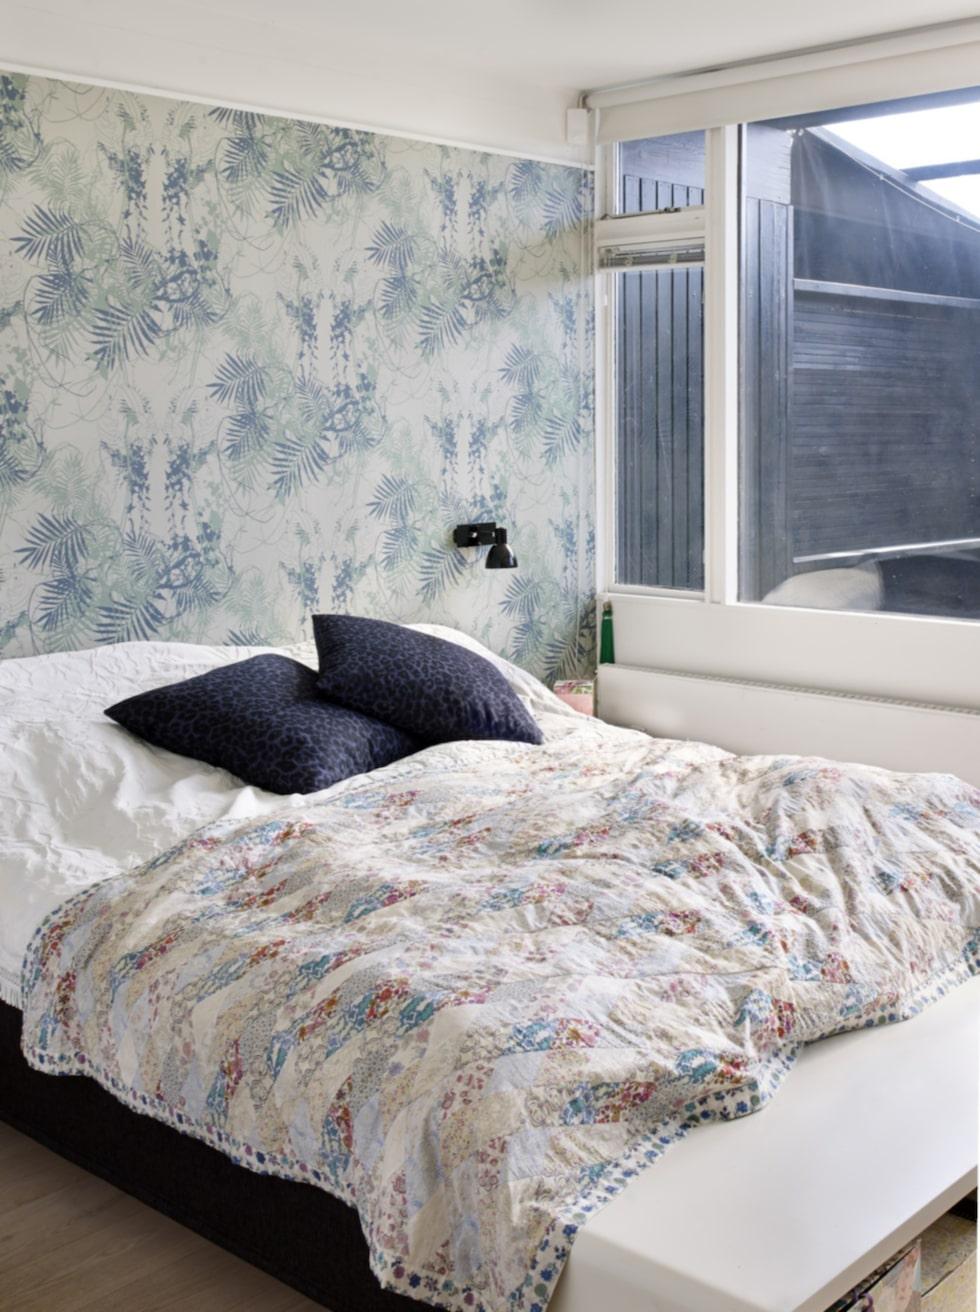 Lauras och Giovannis sovrum har utgång till terrassen och trädgården. Överkastet är designat av Lauras syster, kuddarna kommer ifrån Soft gallery. Askarna under sängen kommer från andrea- larsson.com.